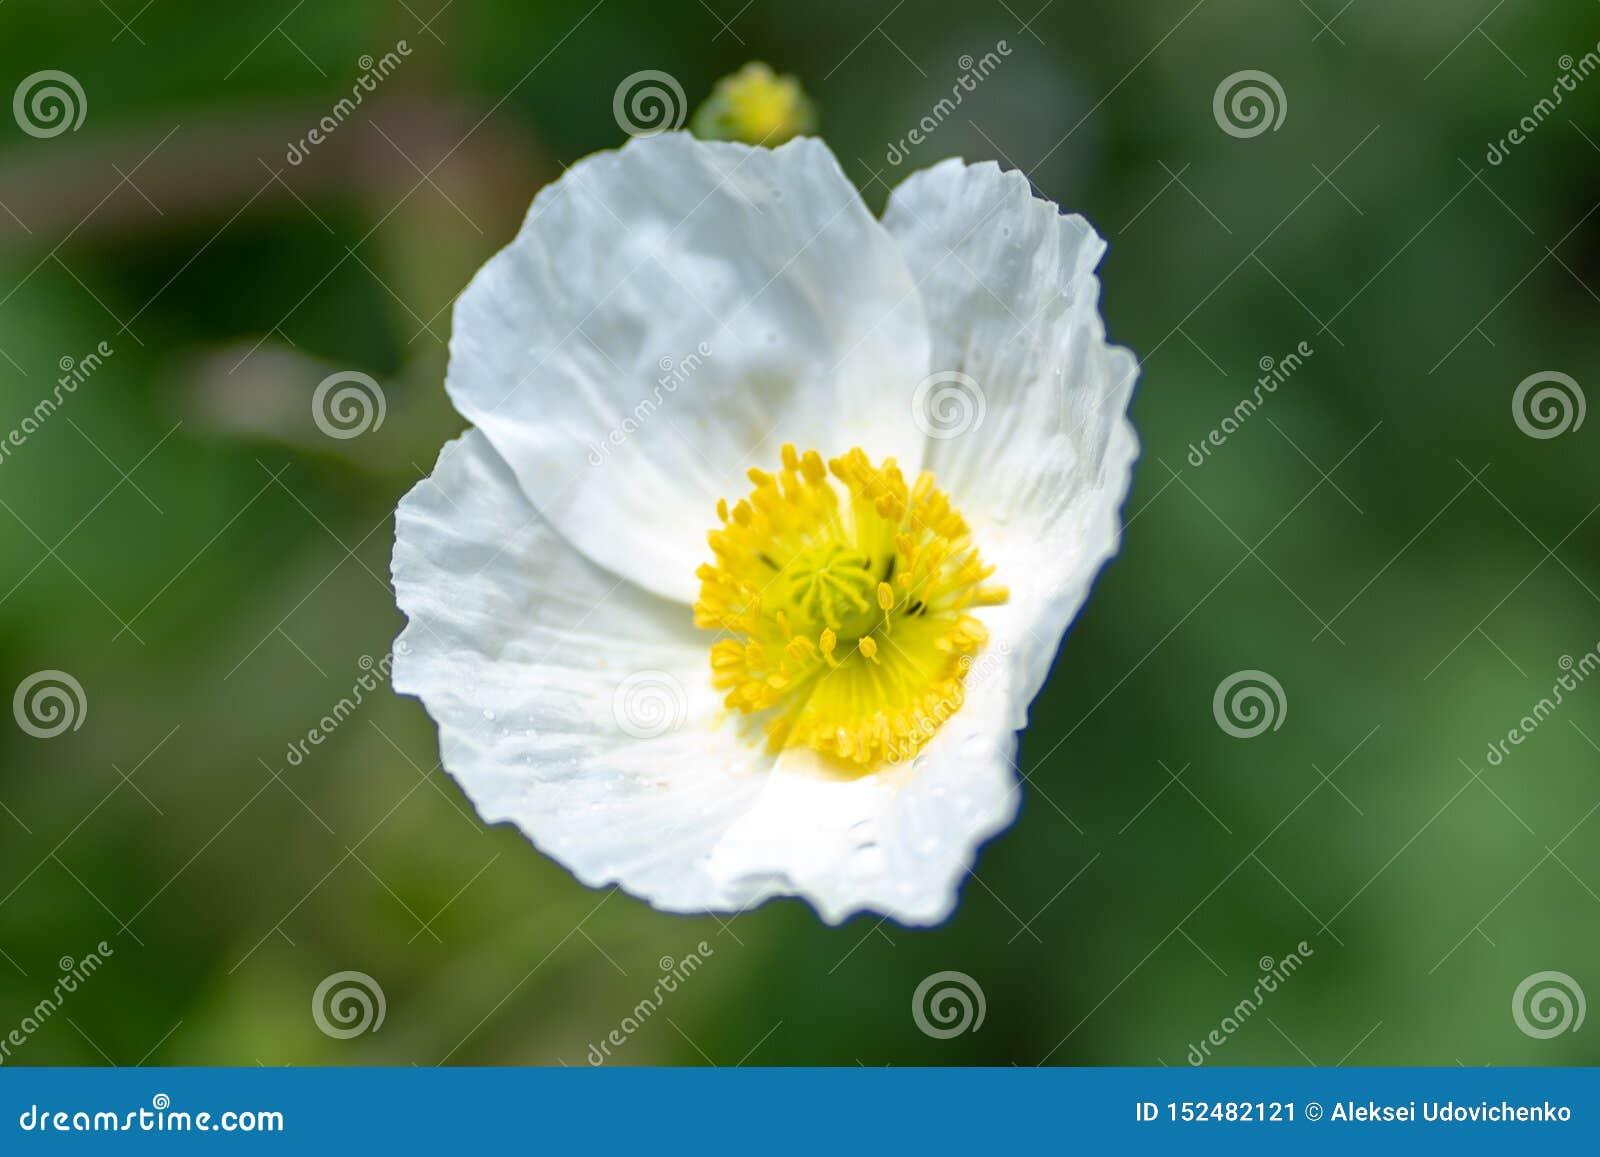 Makro som skjutas av en vit blomma på en naturlig bakgrund i en mjuk fokus